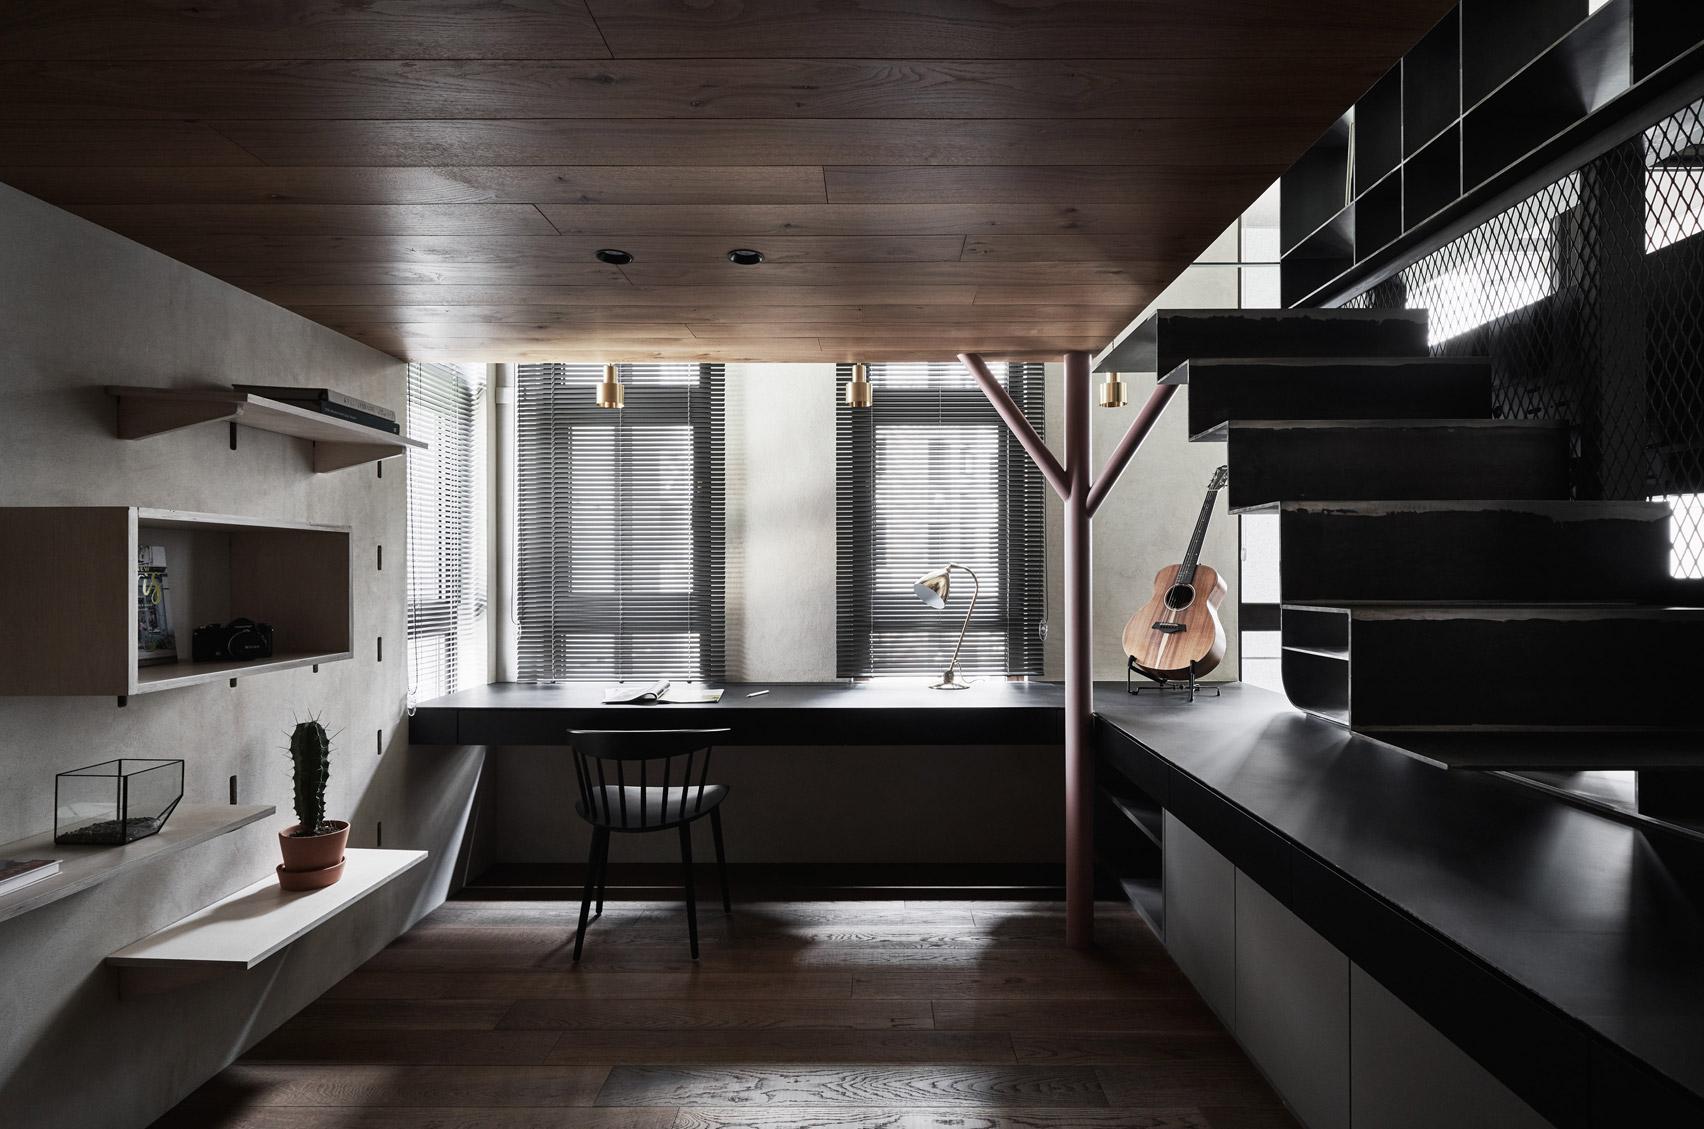 Bổ sung nội thất đa chức năng cho căn hộ xinh xắn tại Đài Bắc (Trung Quốc) - Ảnh 3.